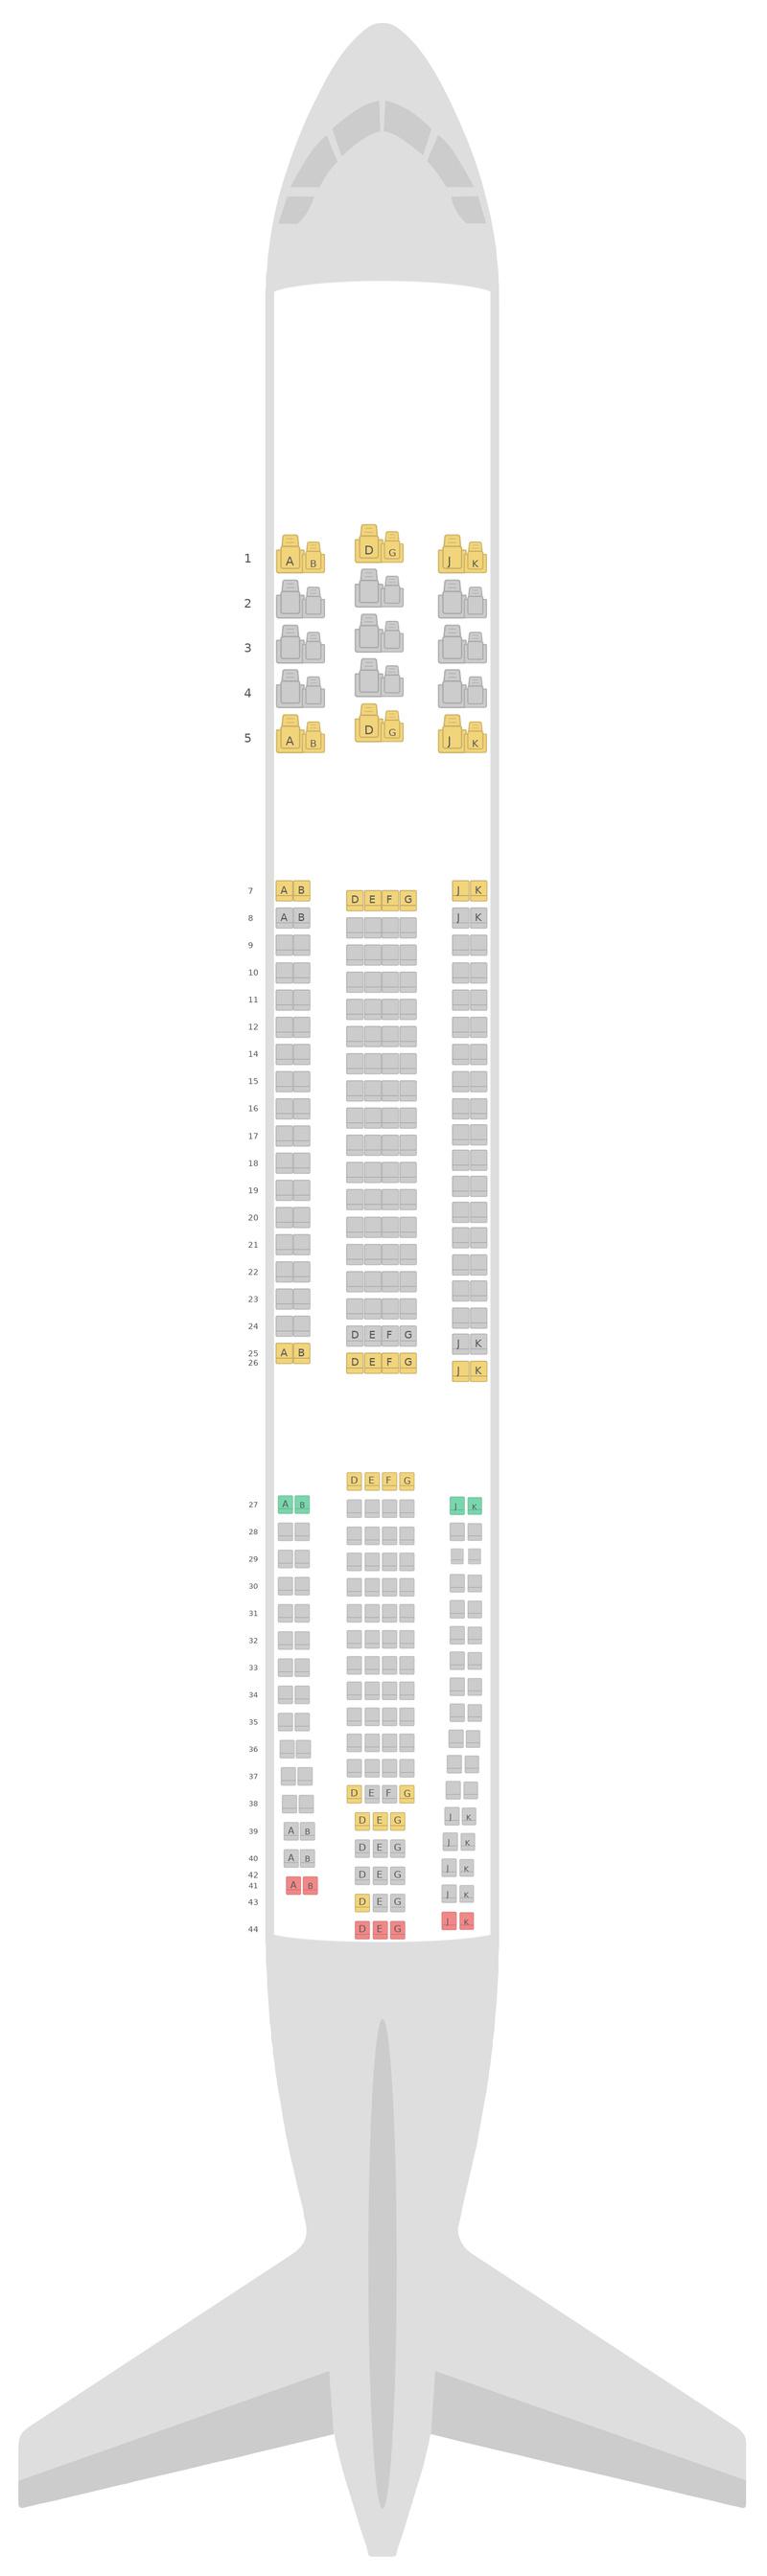 Схема салона Аэробус А330-300 (333) v1 Китайские авиалинии